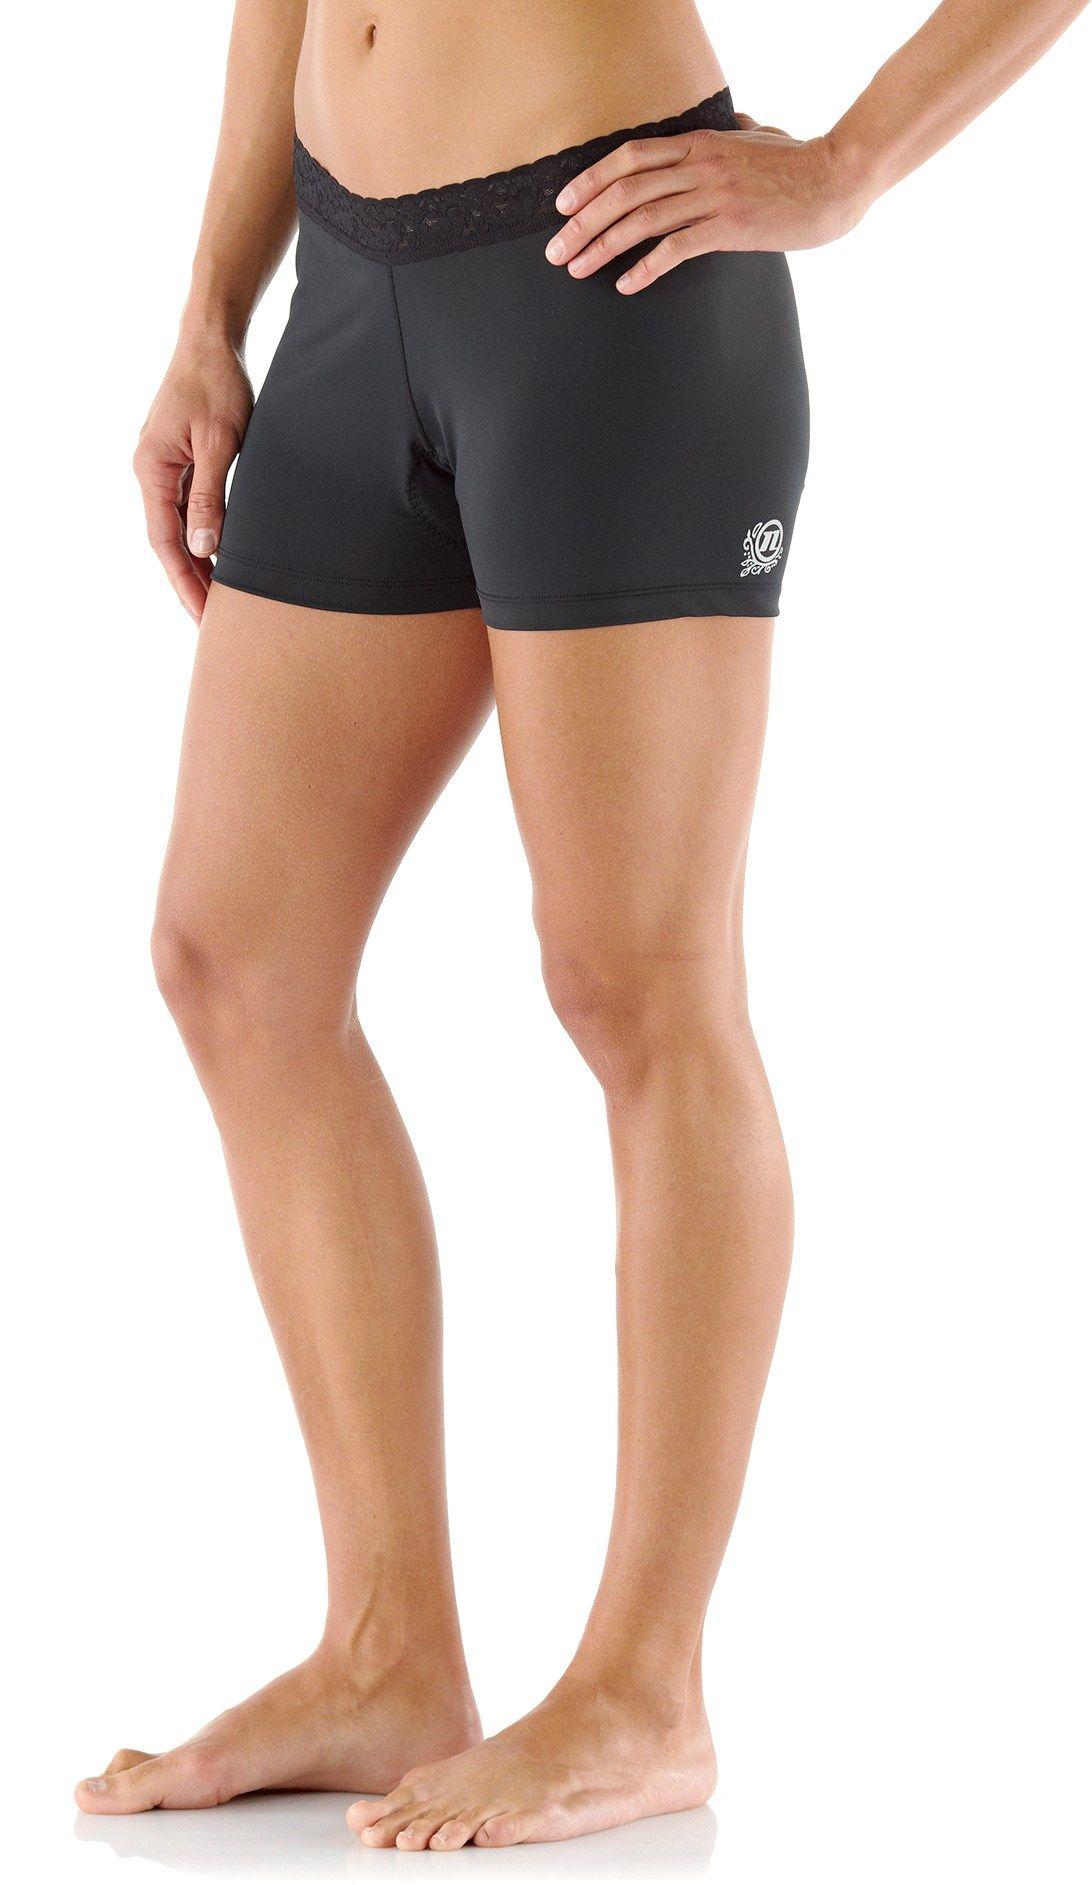 d00c239ca1 Novara Padded Bike Boy Short Underwear - Women's   REI Co-op ...